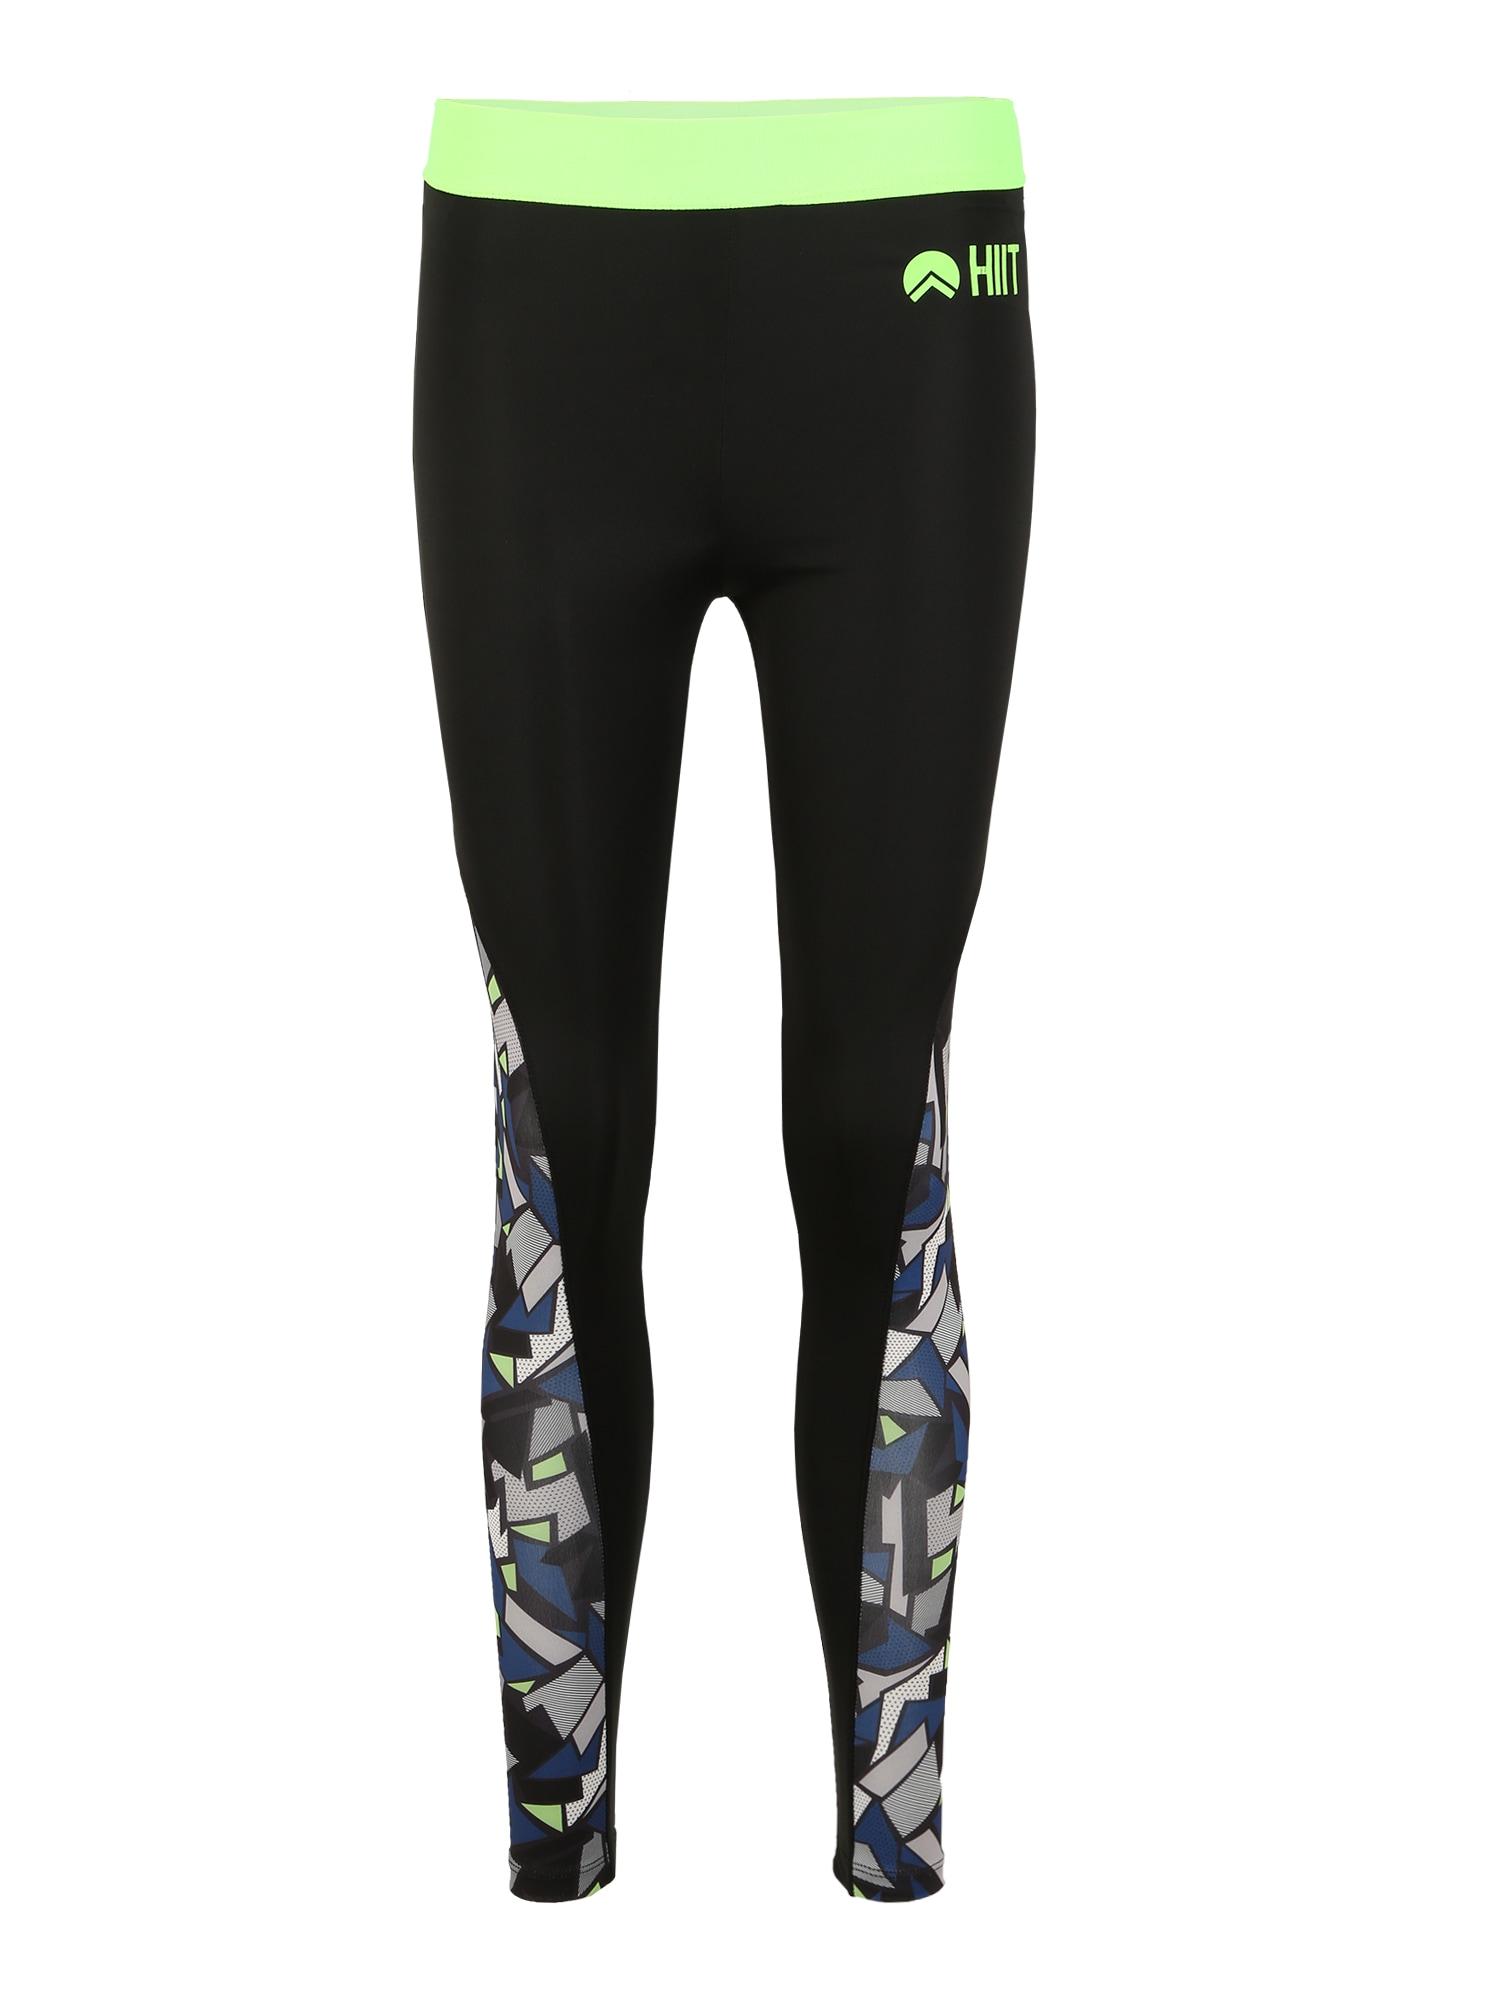 HIIT Sportinės kelnės 'abstract geo' juoda / neoninė žalia